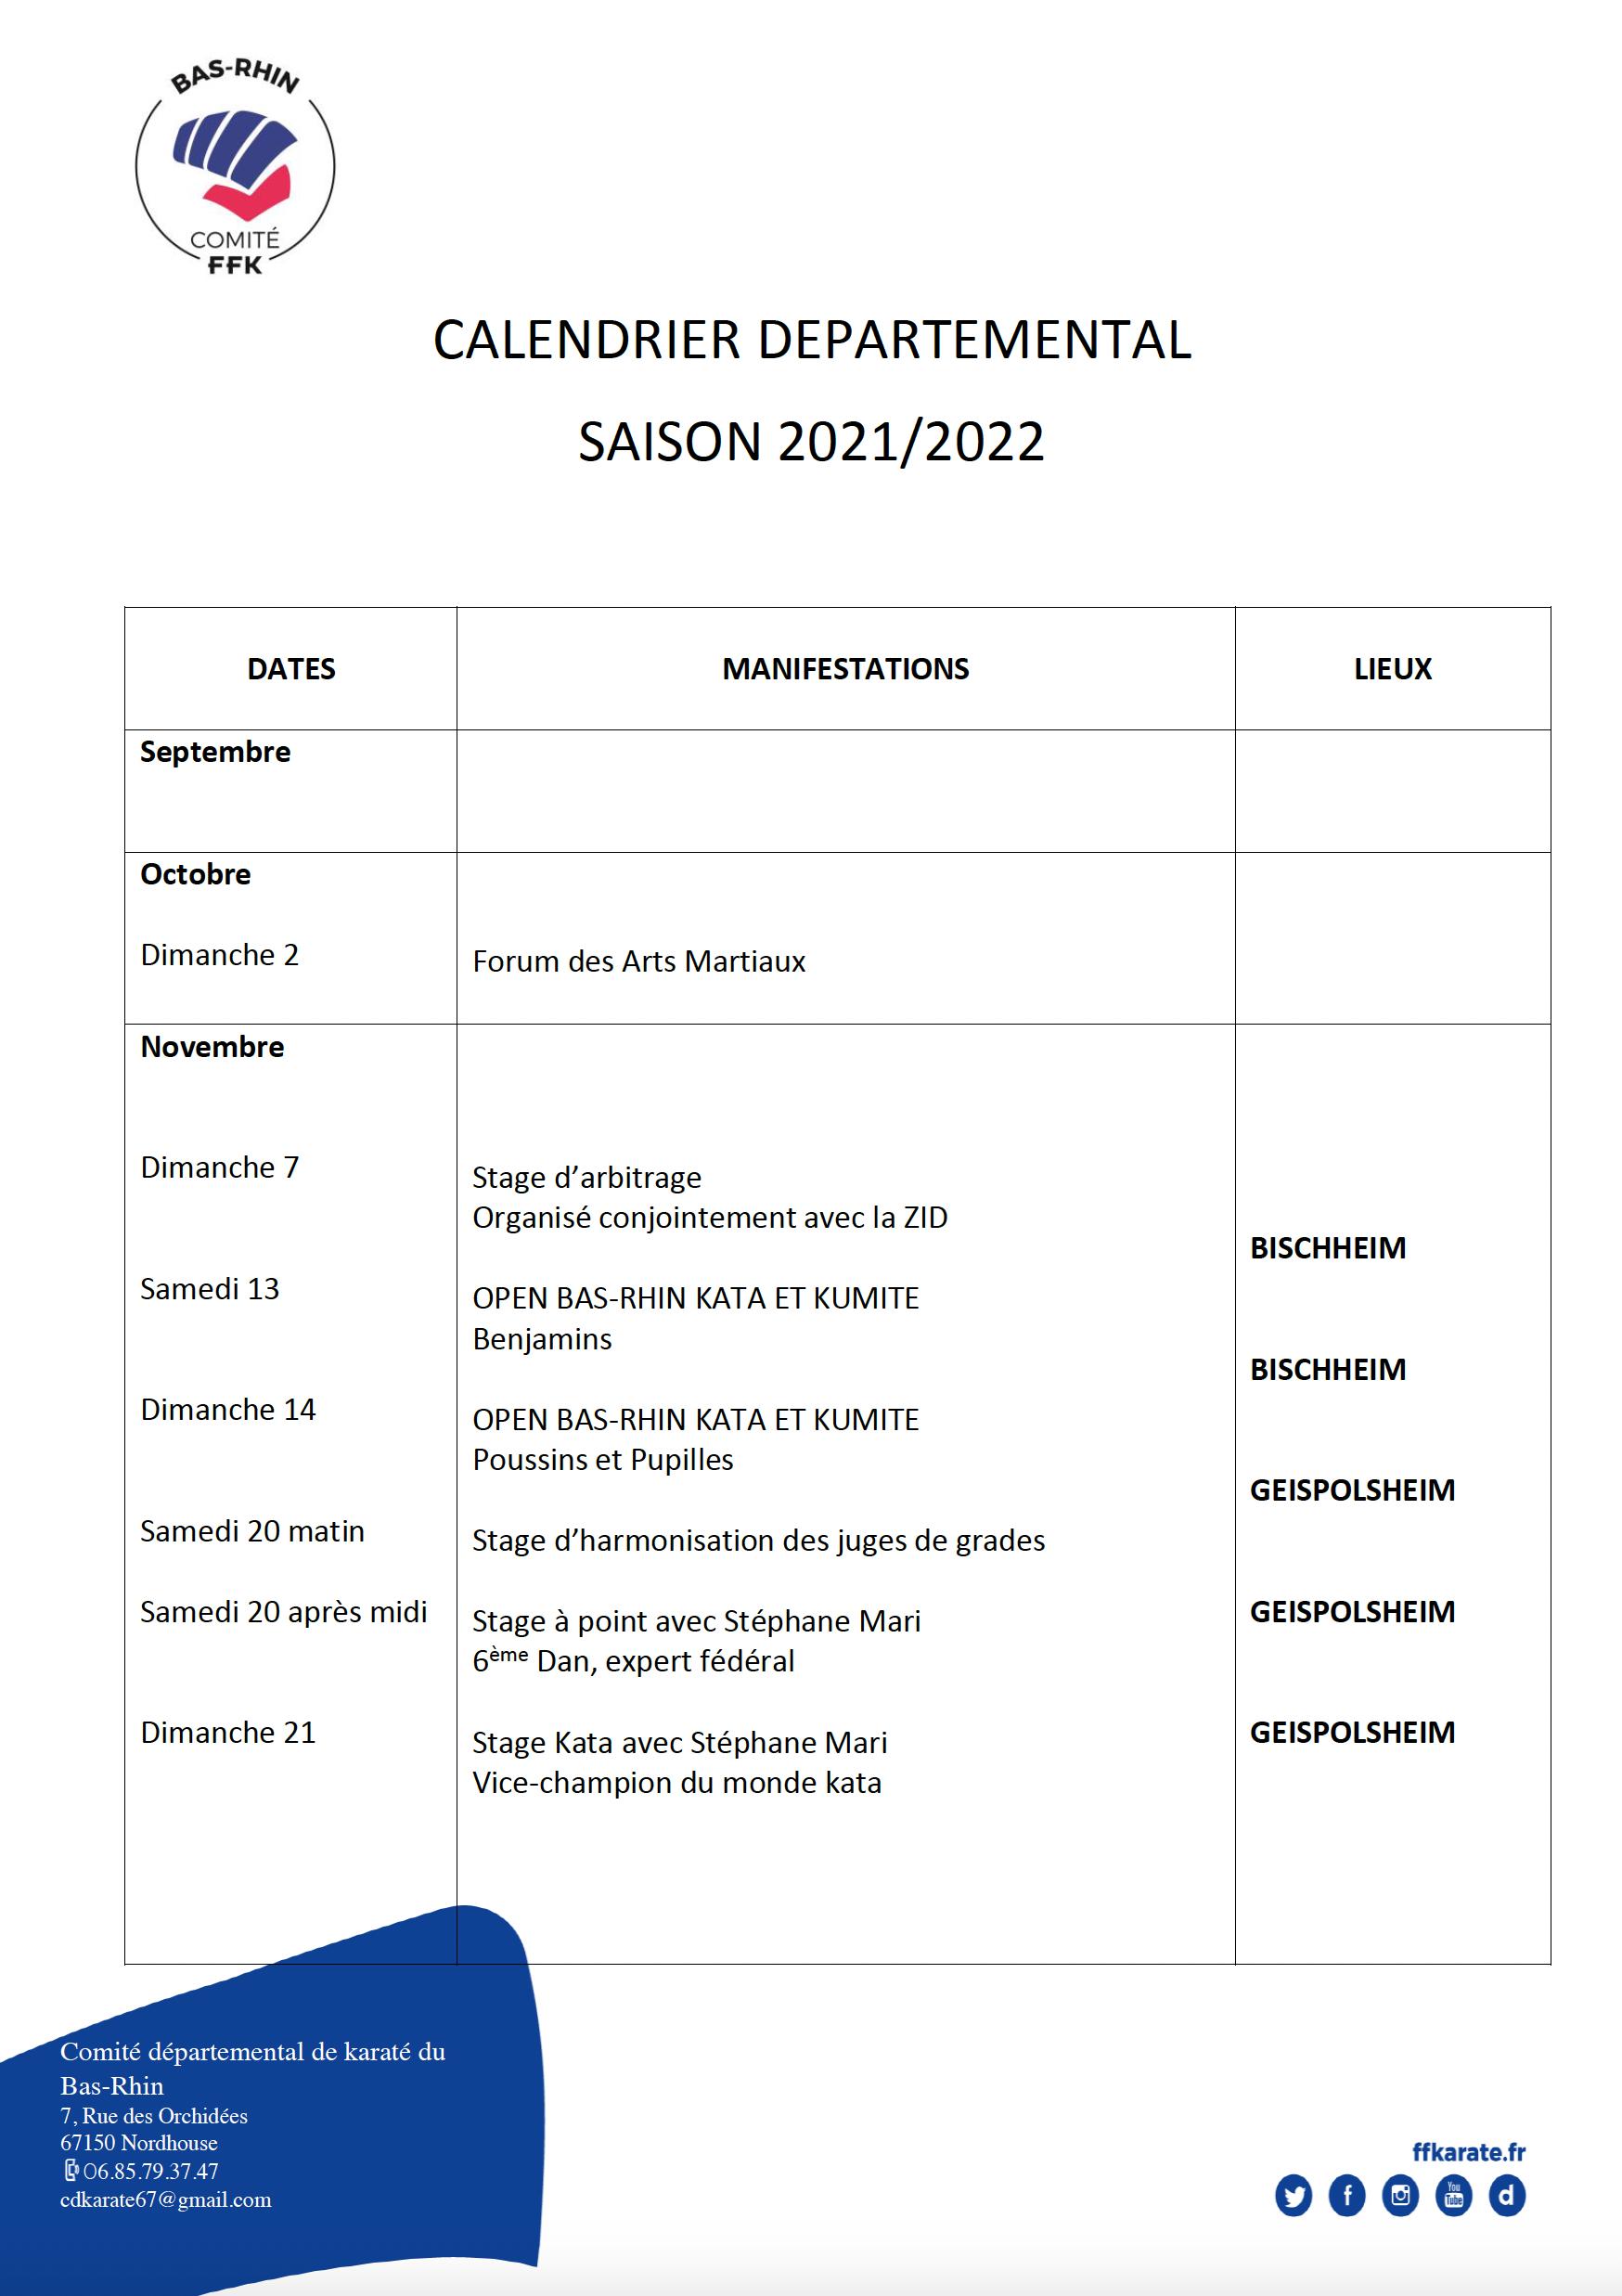 Calendrier départemental Saison 2021 / 22